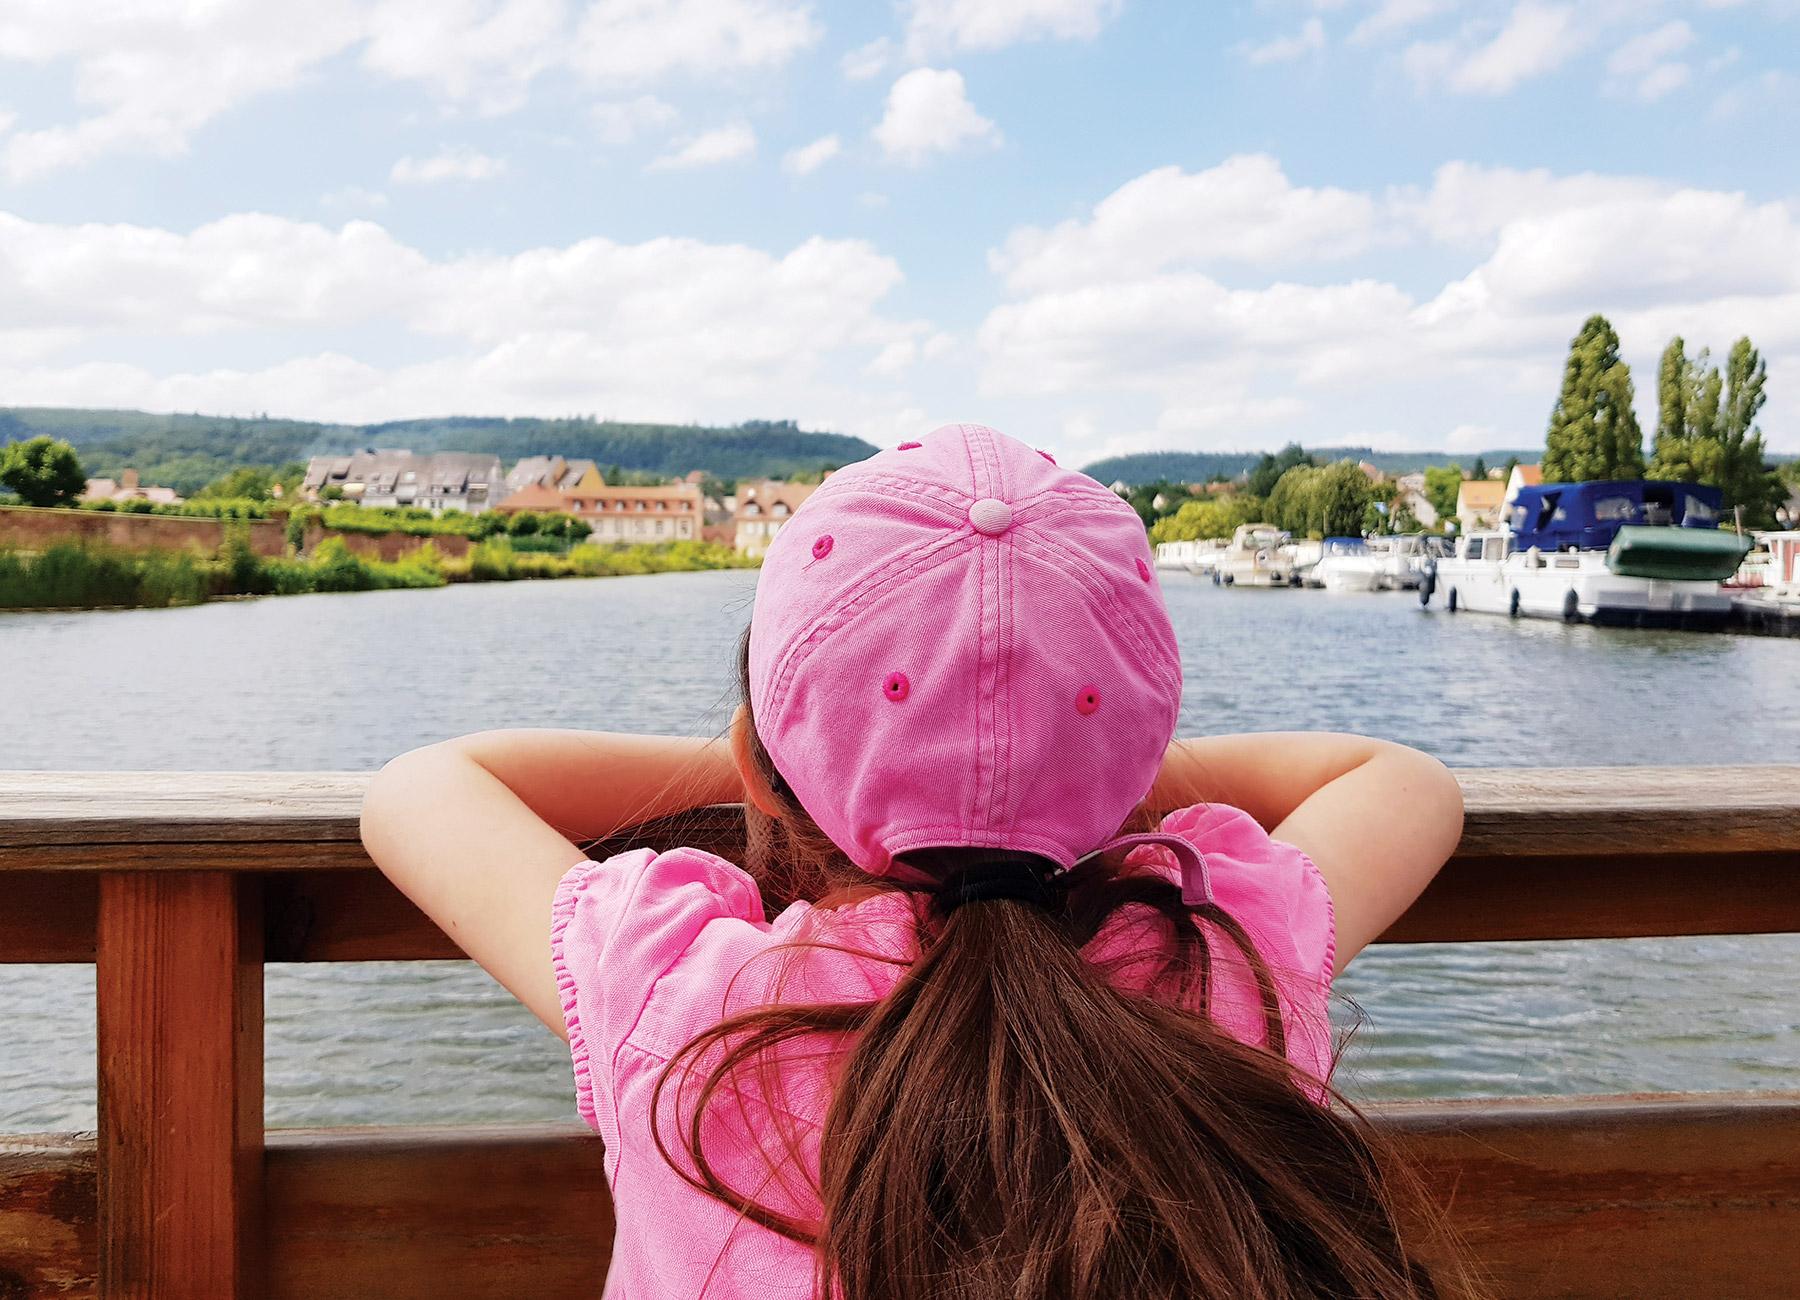 https://apps.tourisme-alsace.info/photos/saverne/photos/221008660_1.jpg